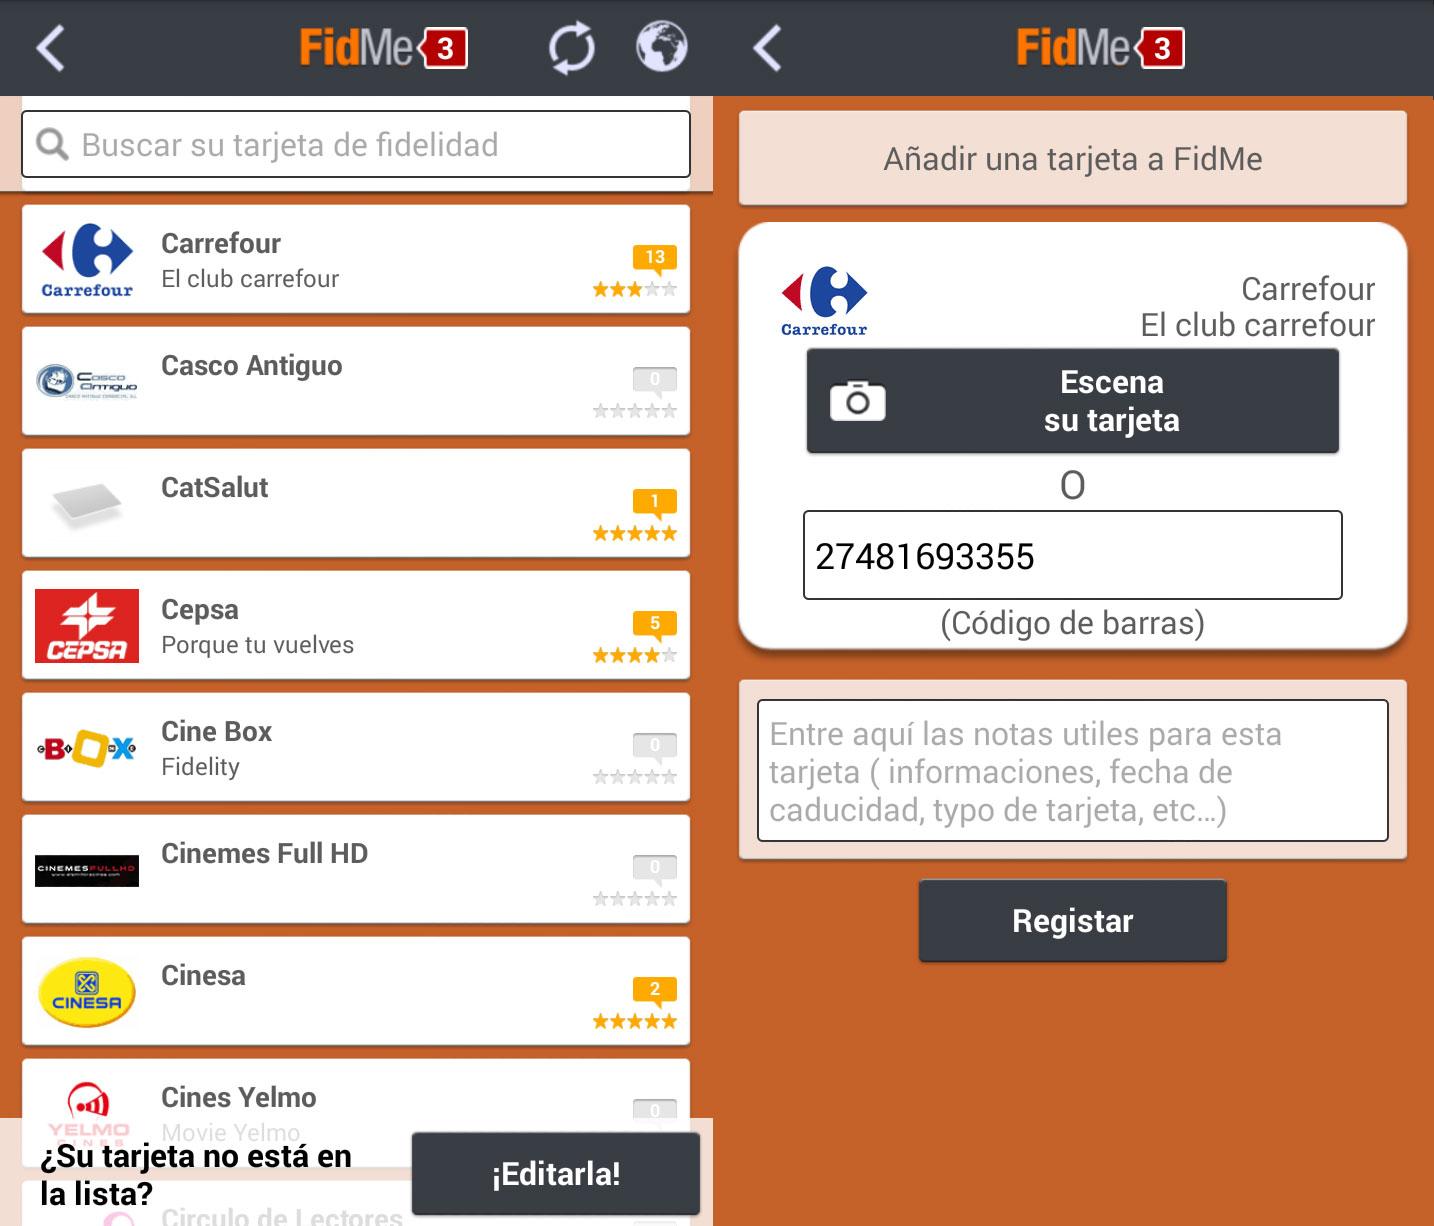 FidMe-Tarjetas-Fidelización-Android